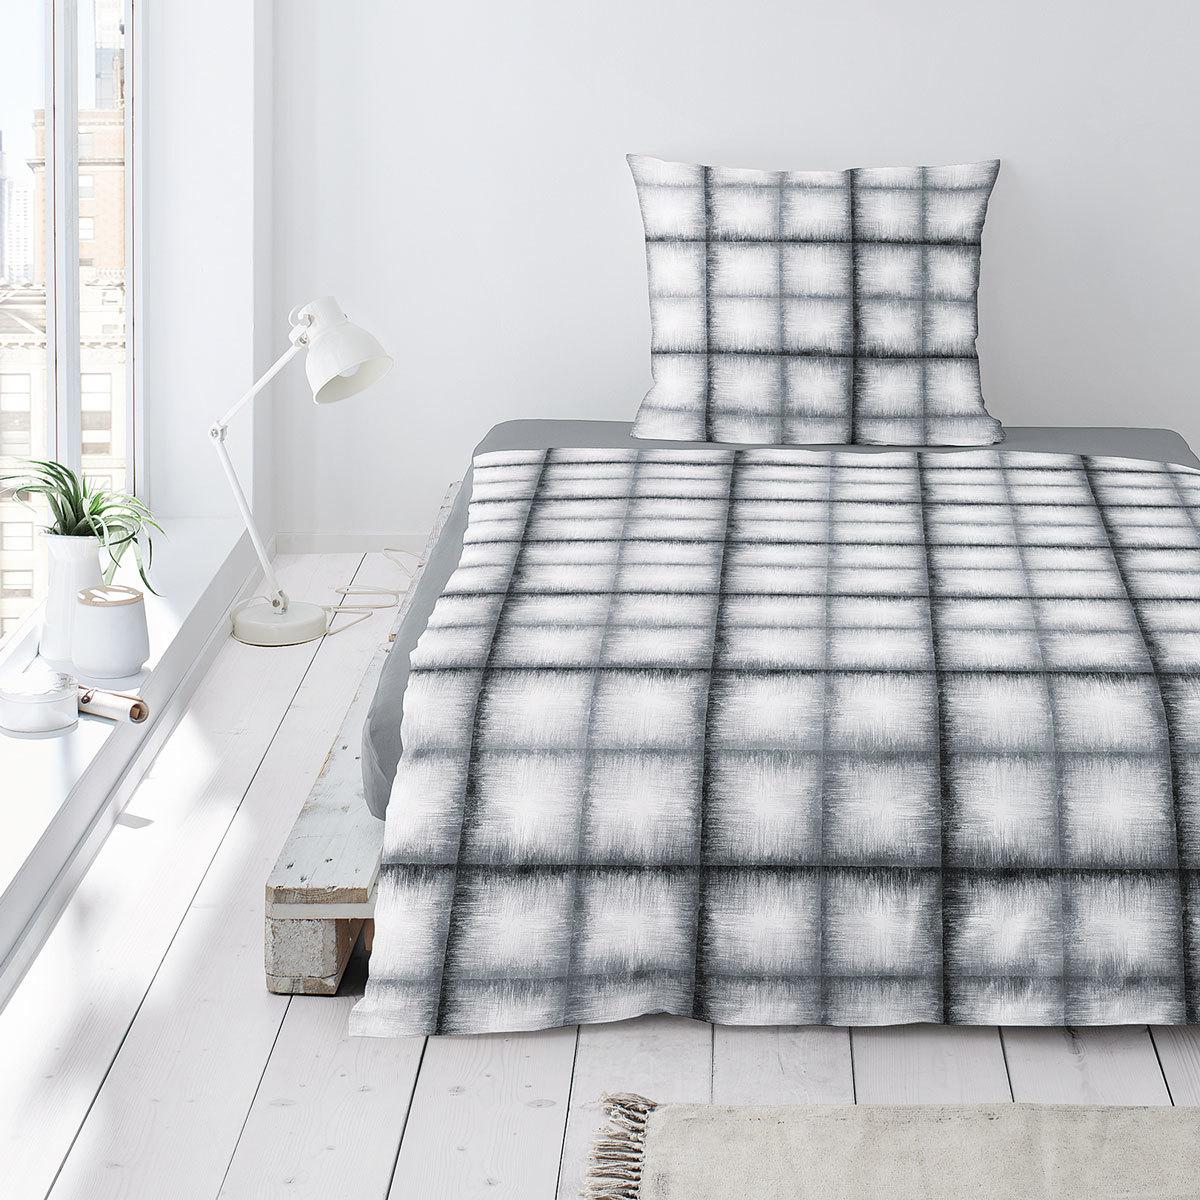 irisette jersey bettw sche luna 8036 11 g nstig online kaufen bei bettwaren shop. Black Bedroom Furniture Sets. Home Design Ideas